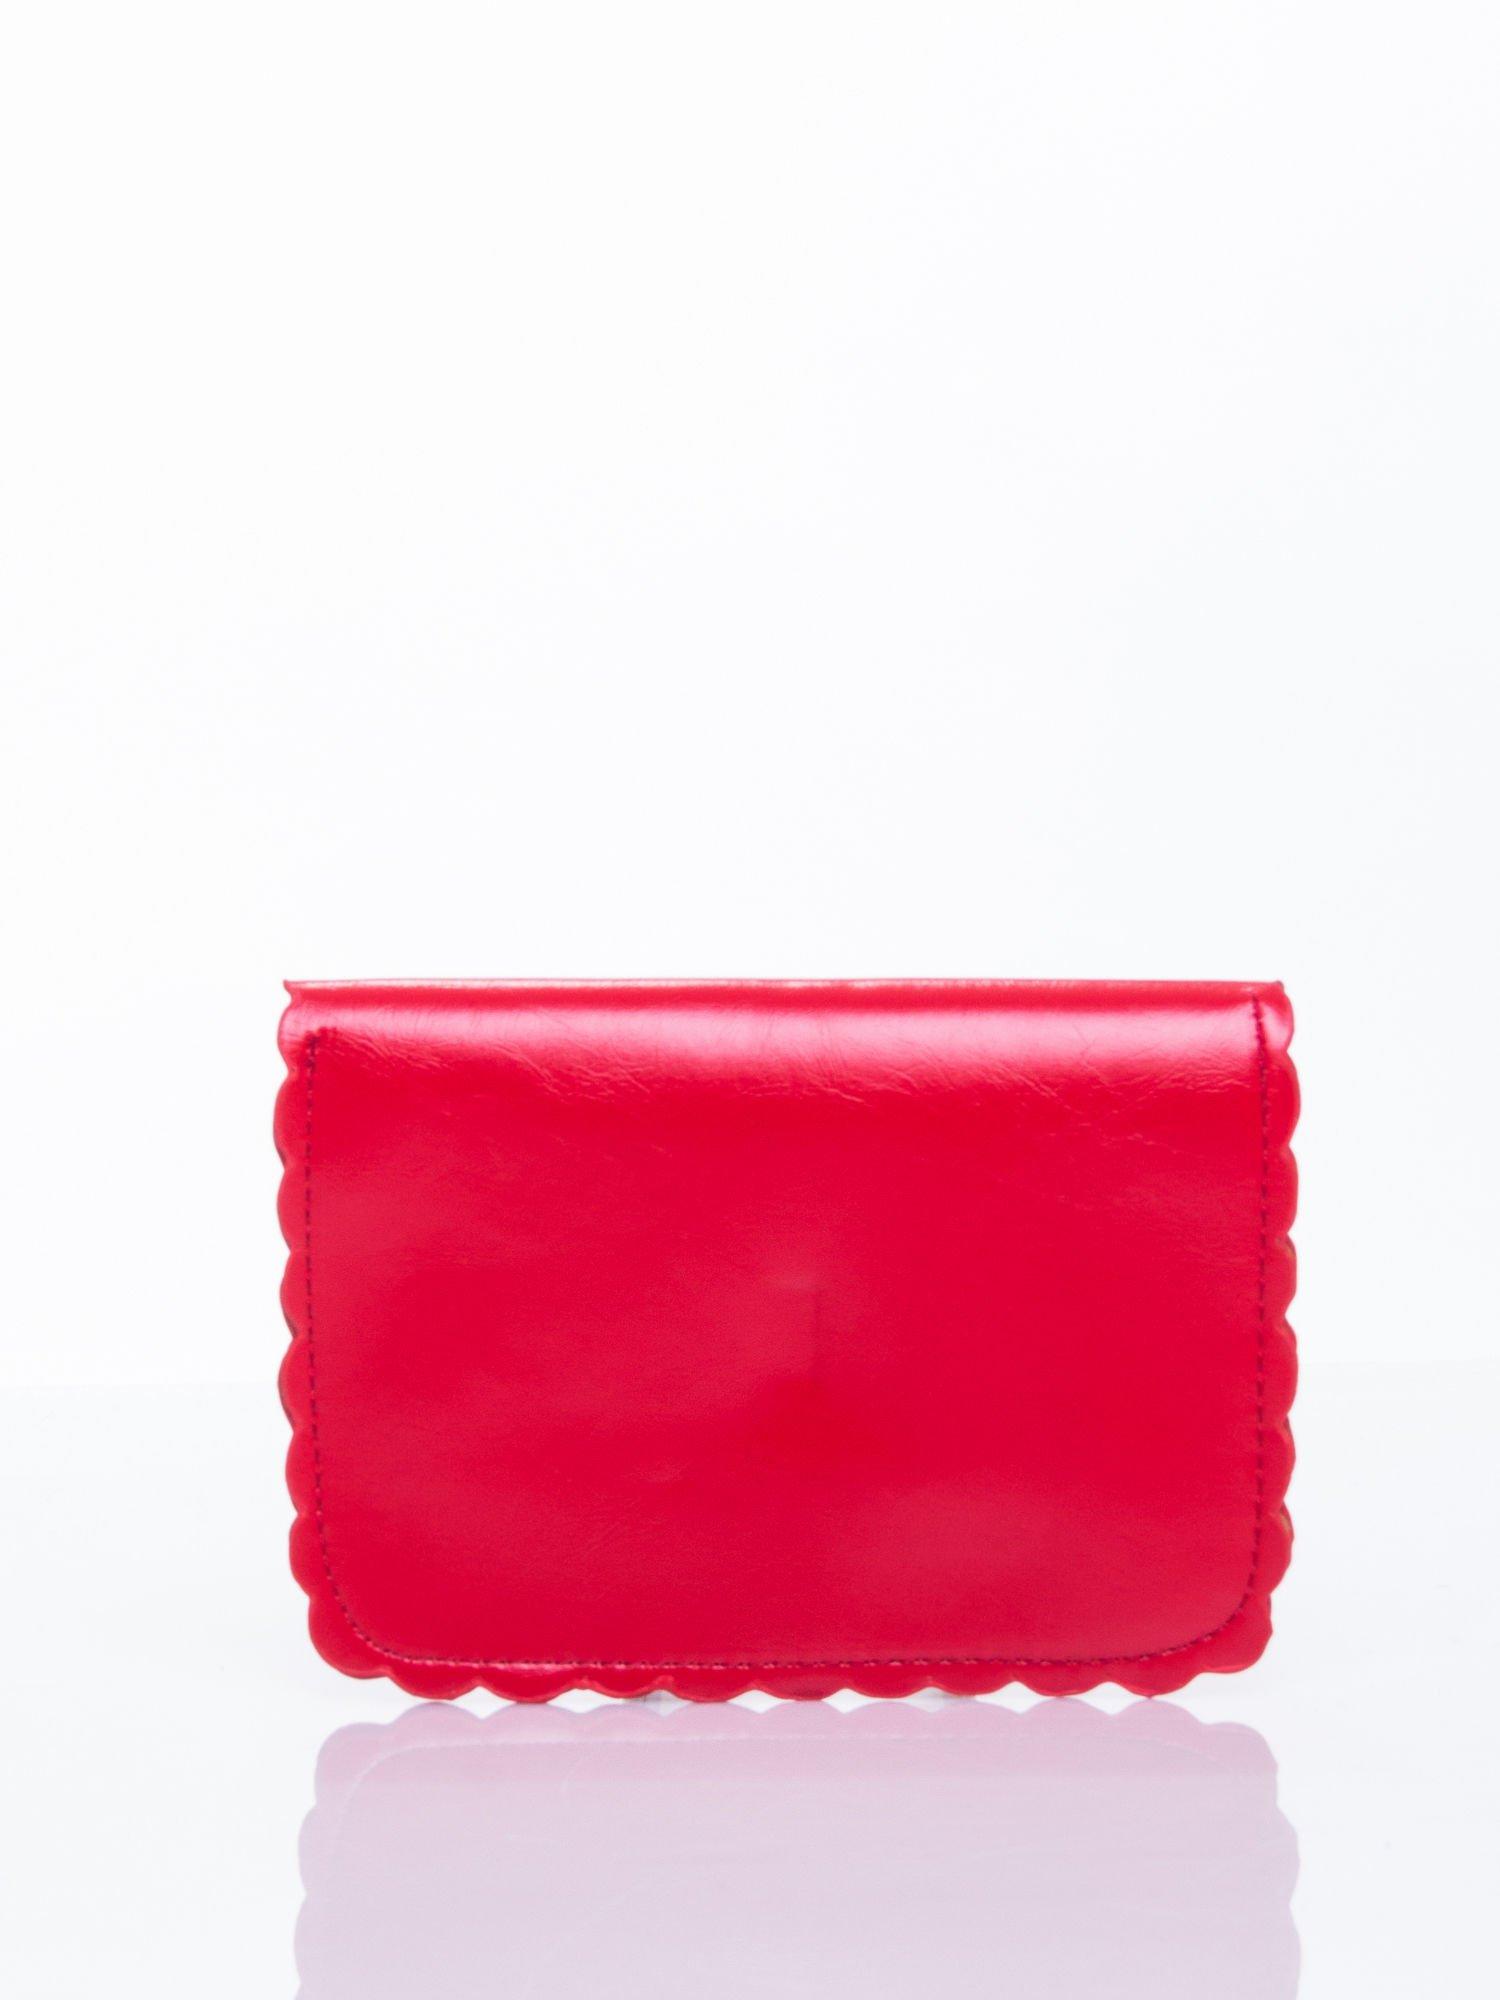 Czerwona torebka listonoszka z falowanym wykończeniem                                  zdj.                                  4